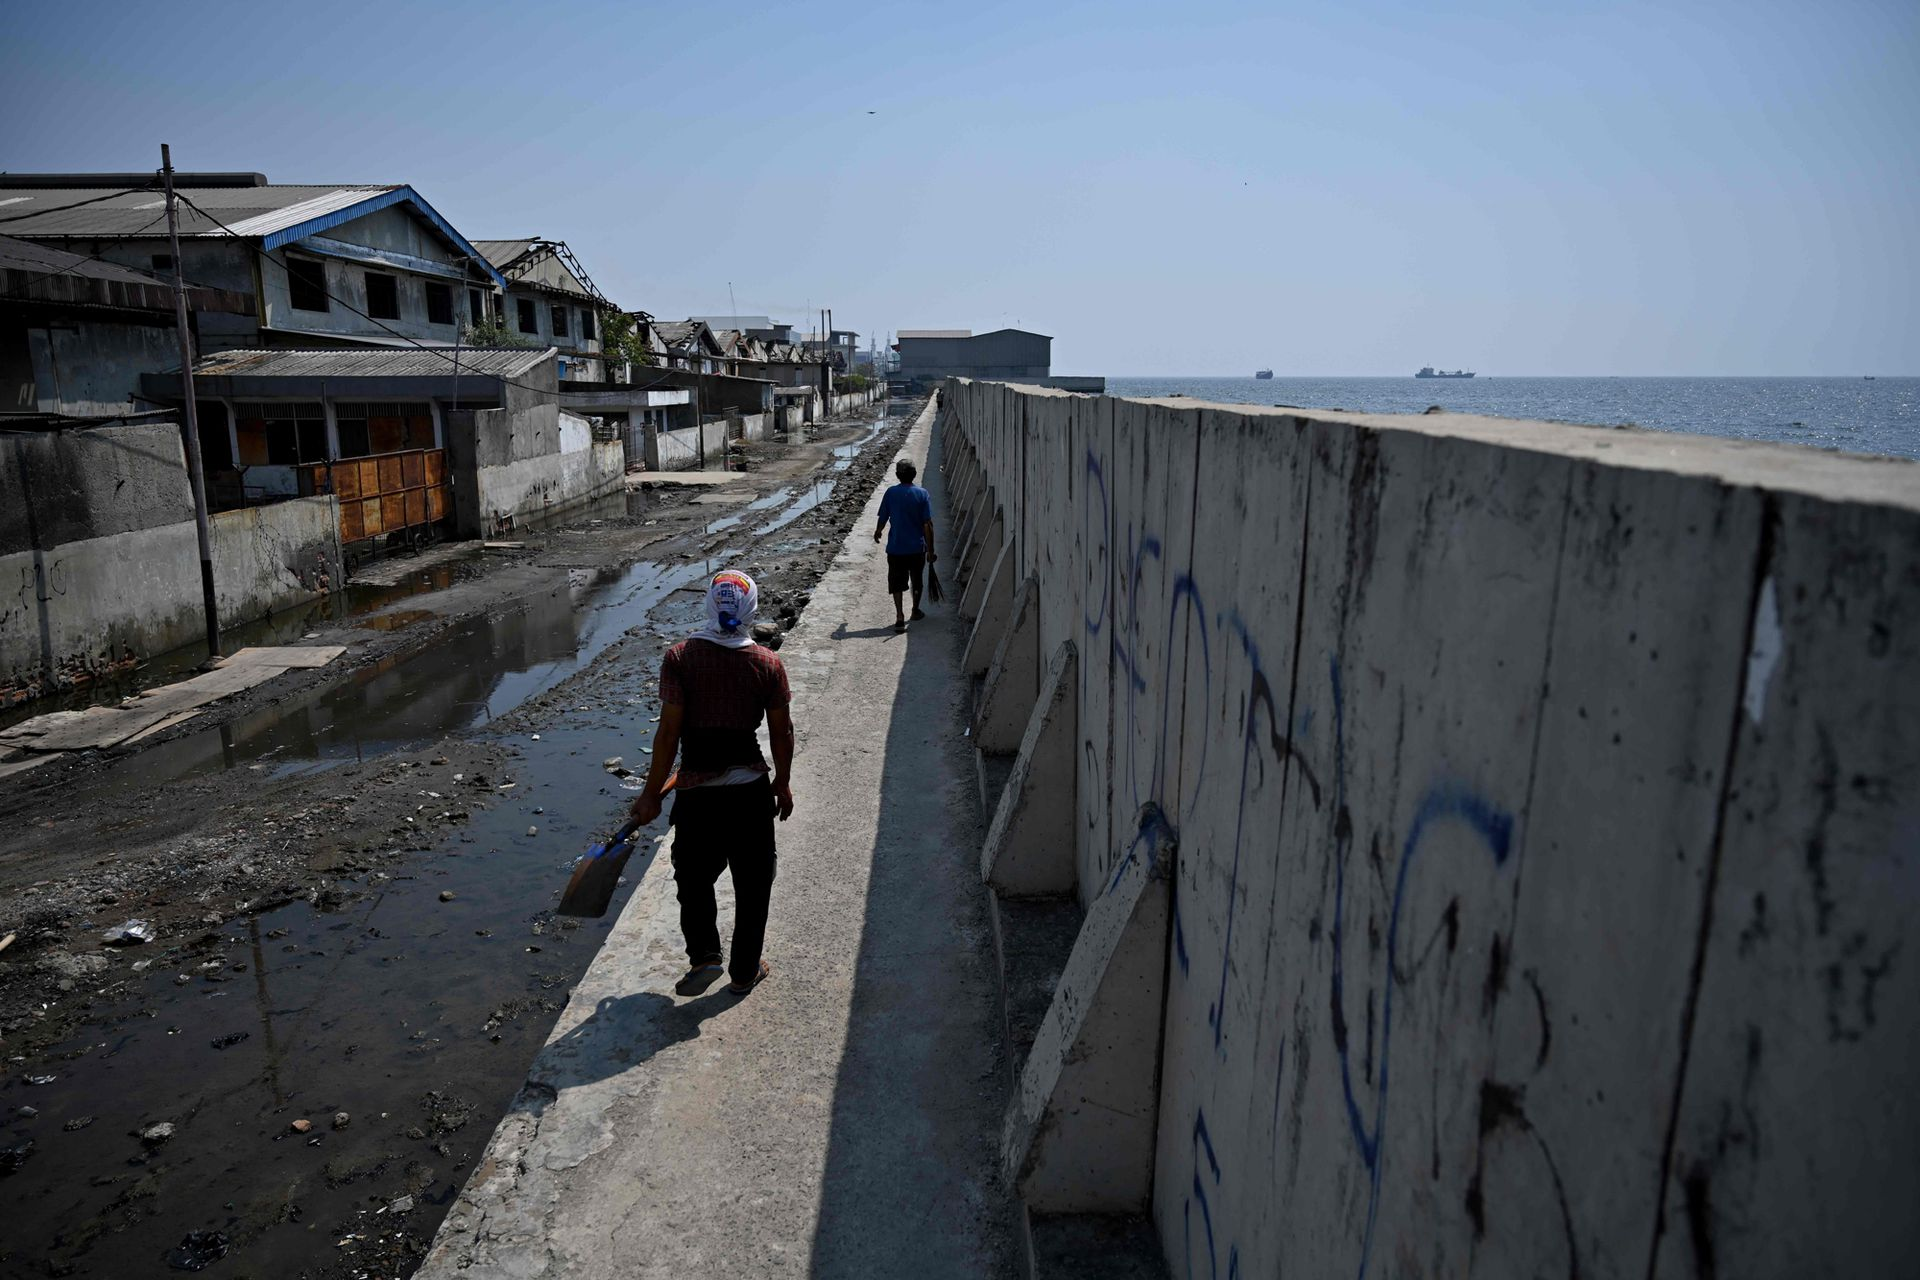 Grandes murallas se han construido en las zonas costeras para contener el agua